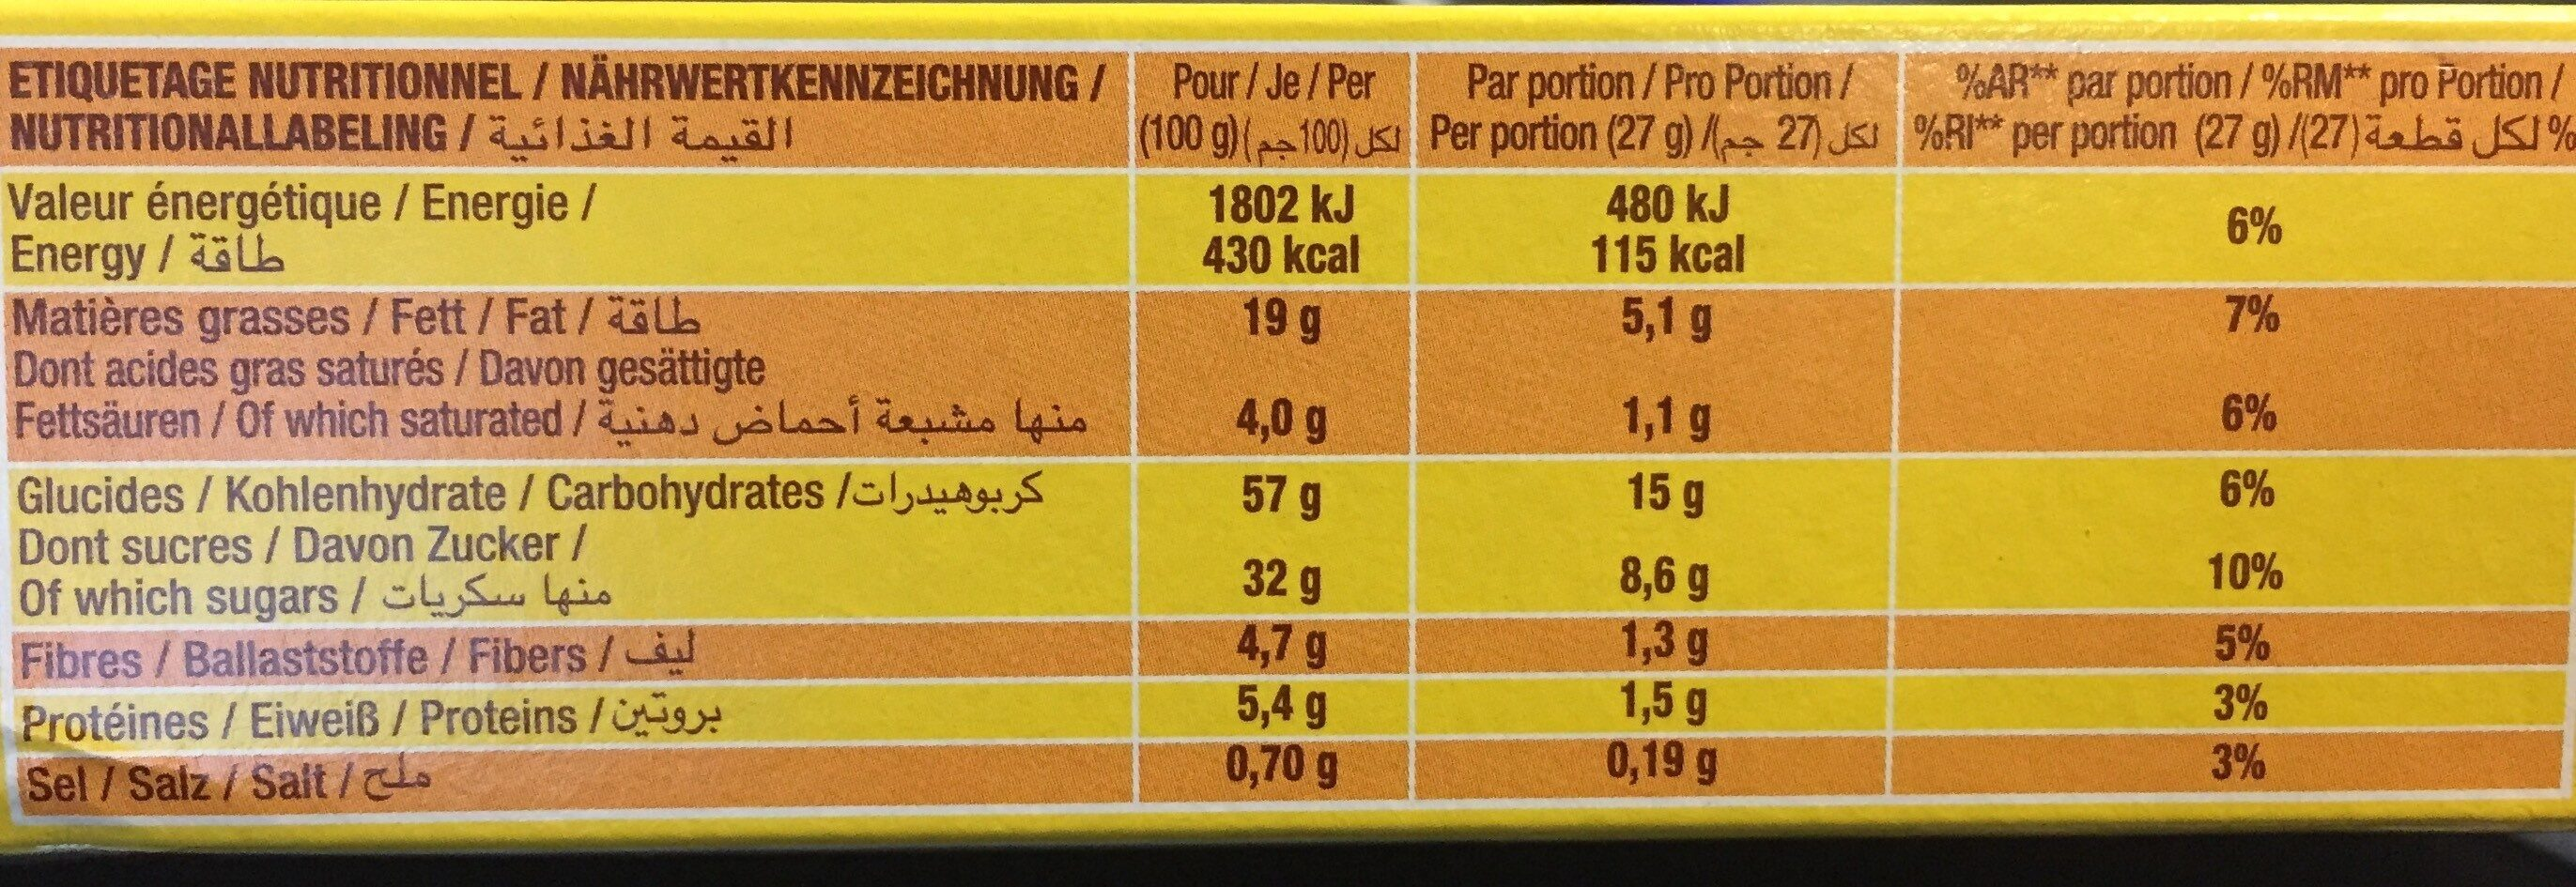 Savane pocket tout chocolatx 7 189g - Voedingswaarden - fr